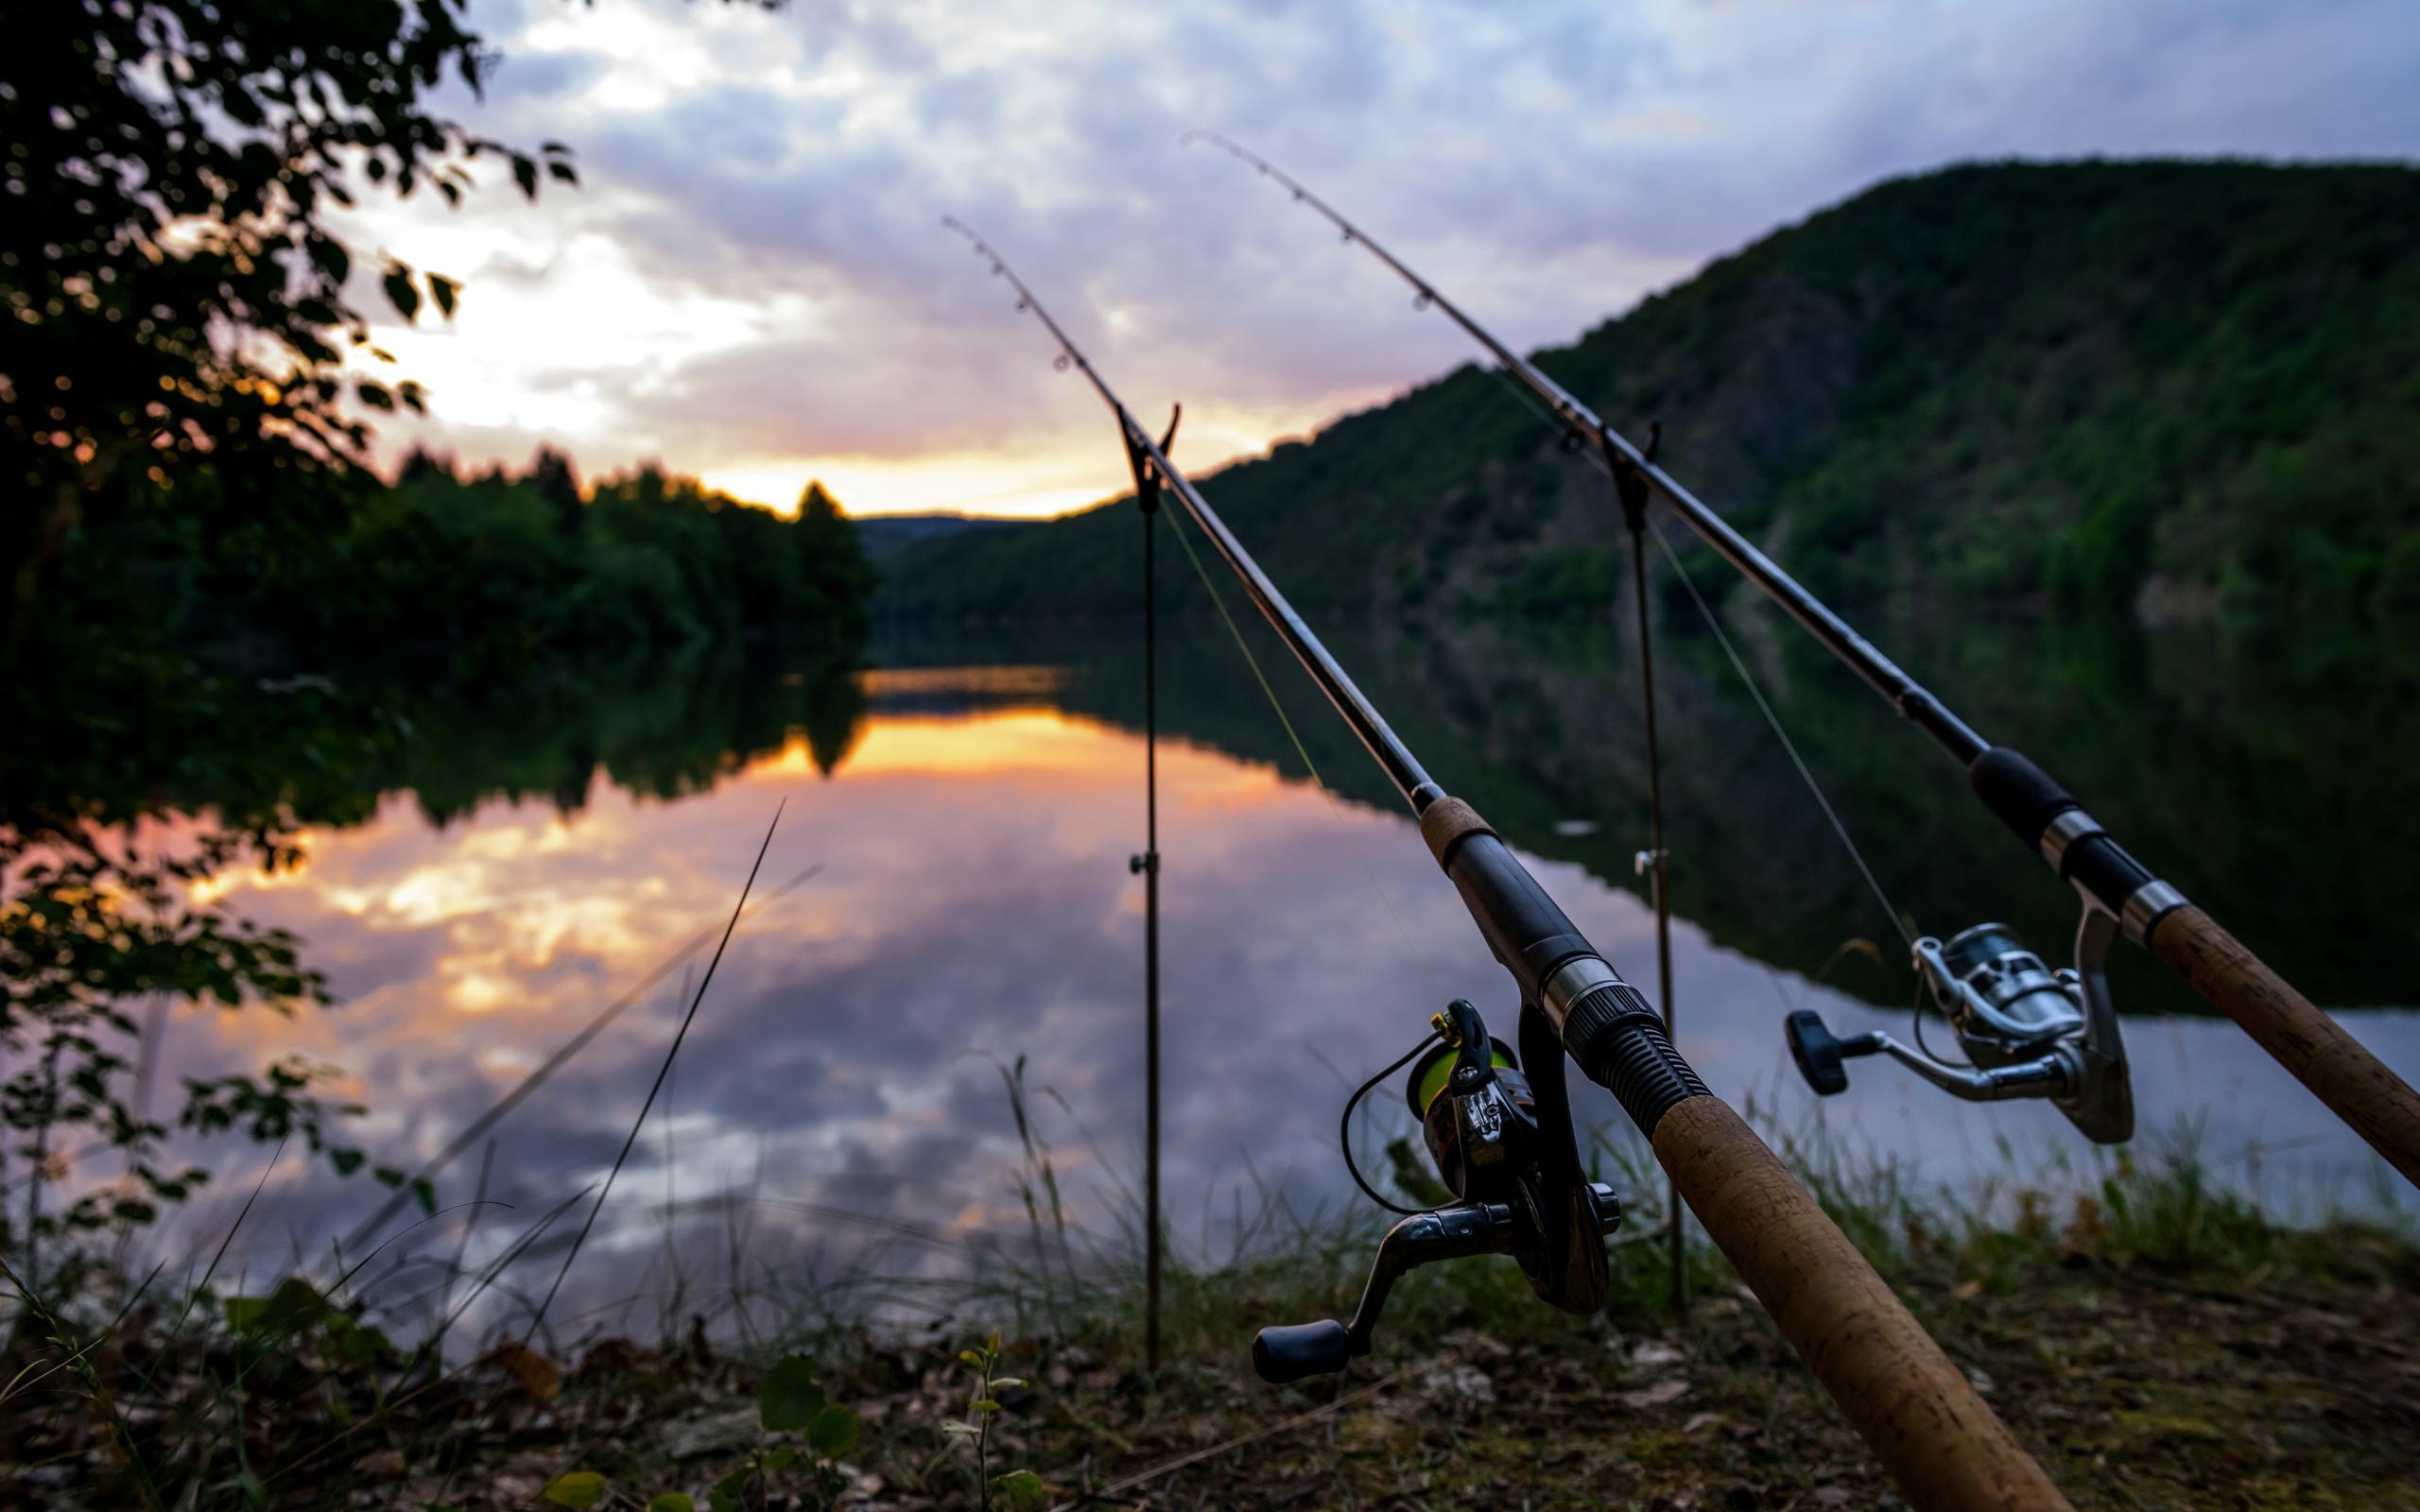 картинки про рыбалку на рабочий стол обрабатывать изображение